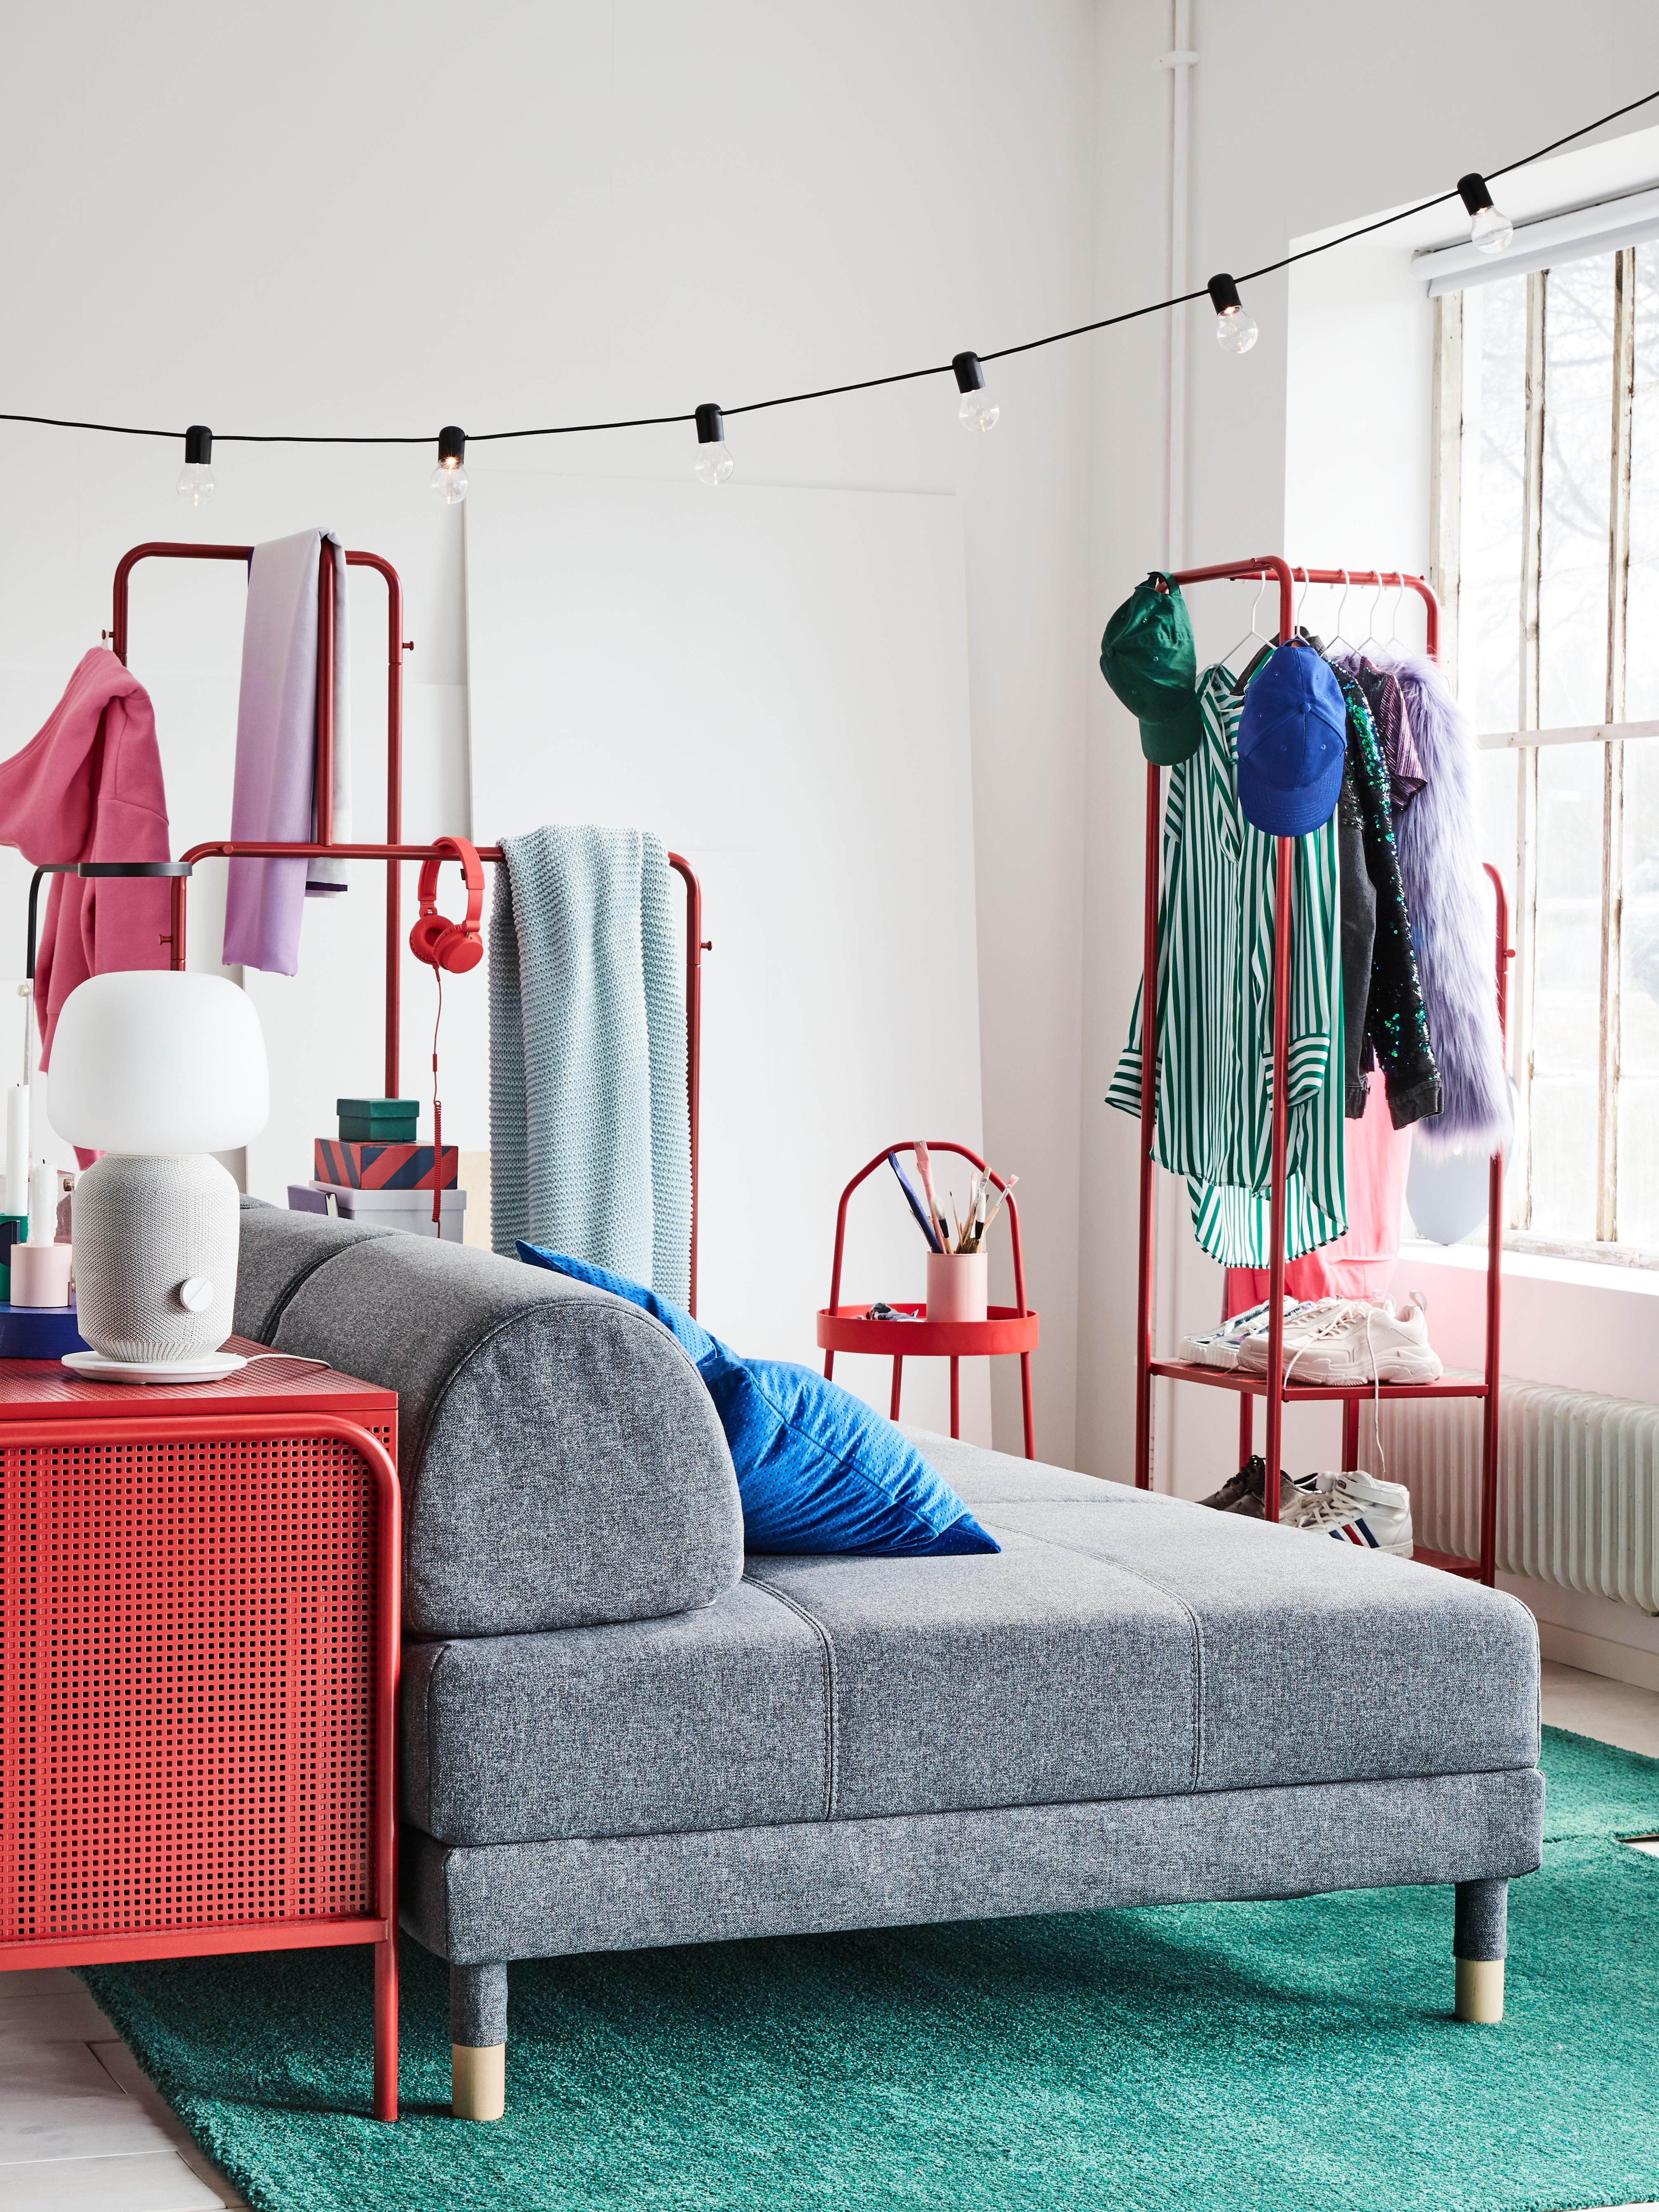 Šareni studio apartman s modernom, sivom FLOTTEBO sofom spremnom za sjedenje, zelenim tepisima i crvenom komodom.